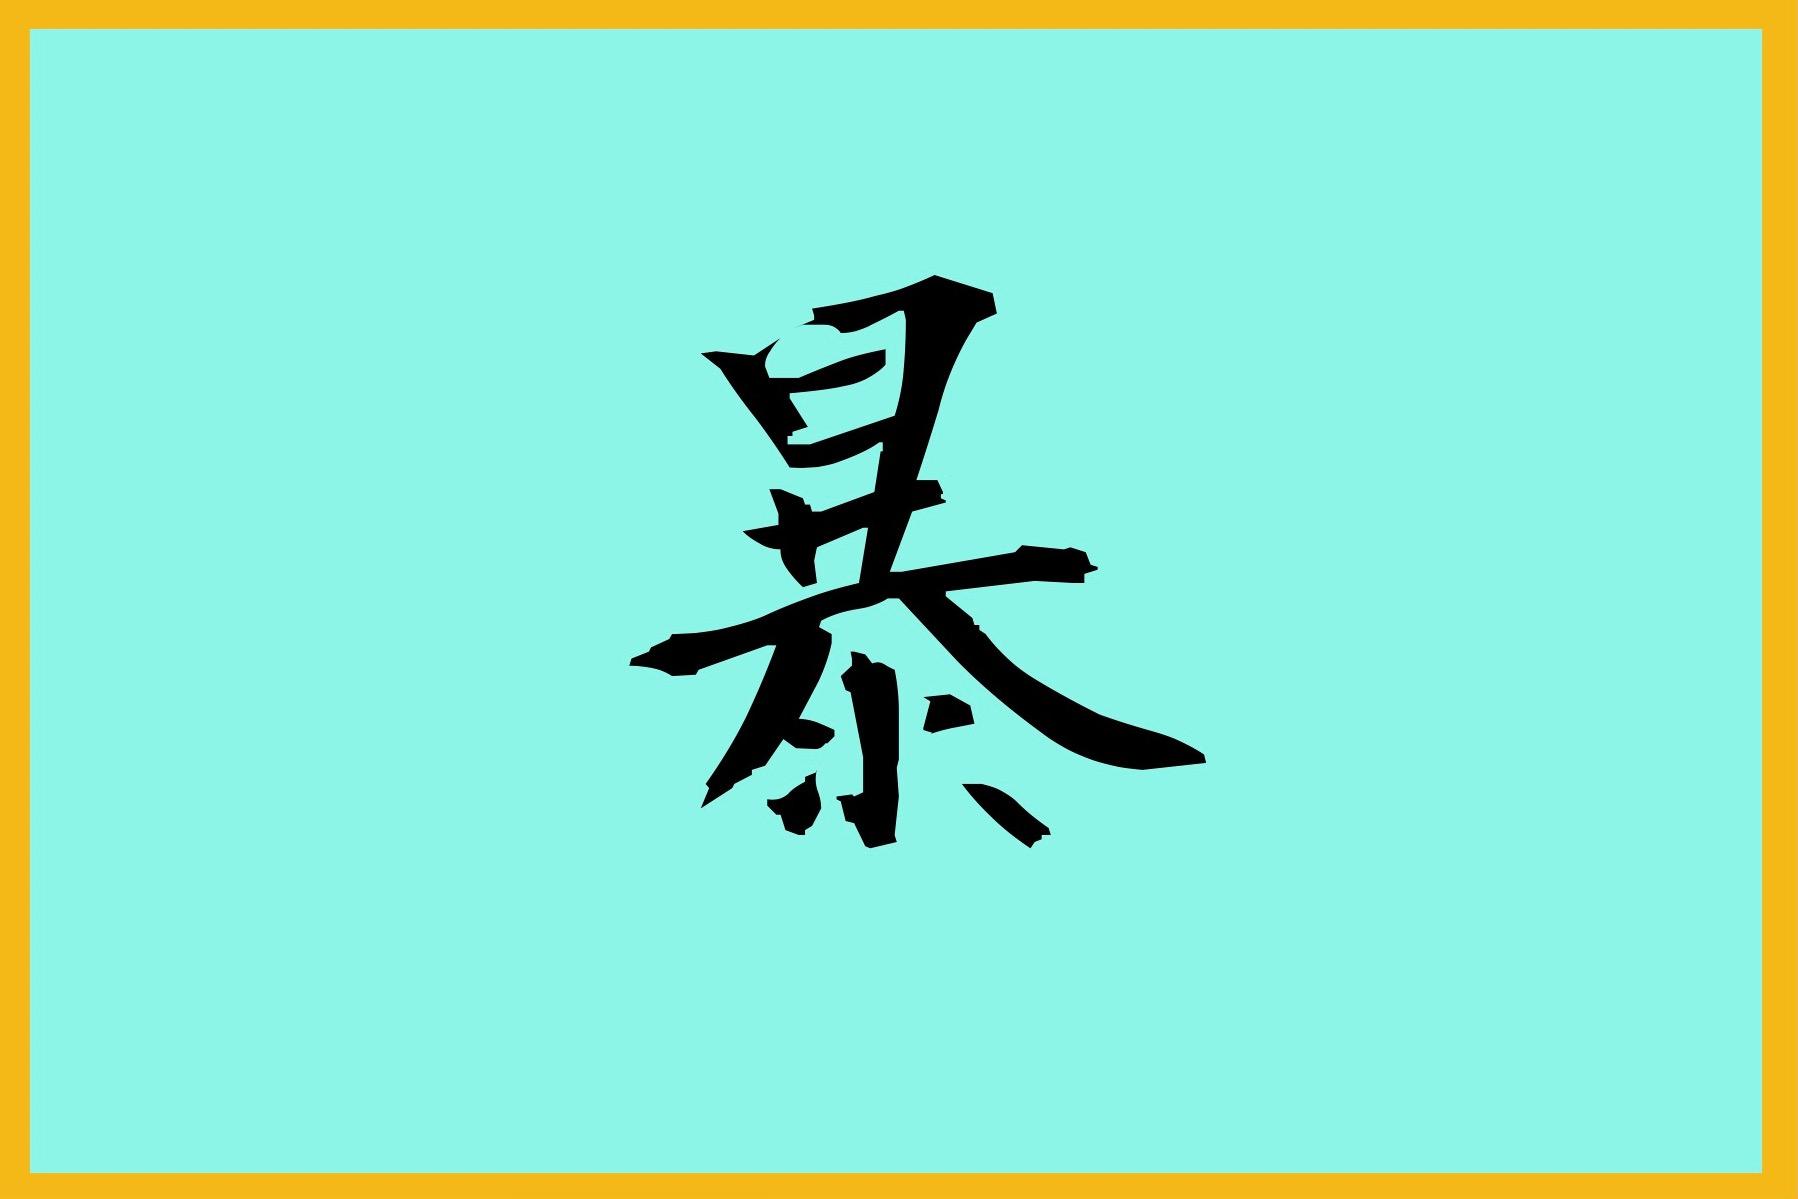 今年の漢字・暴